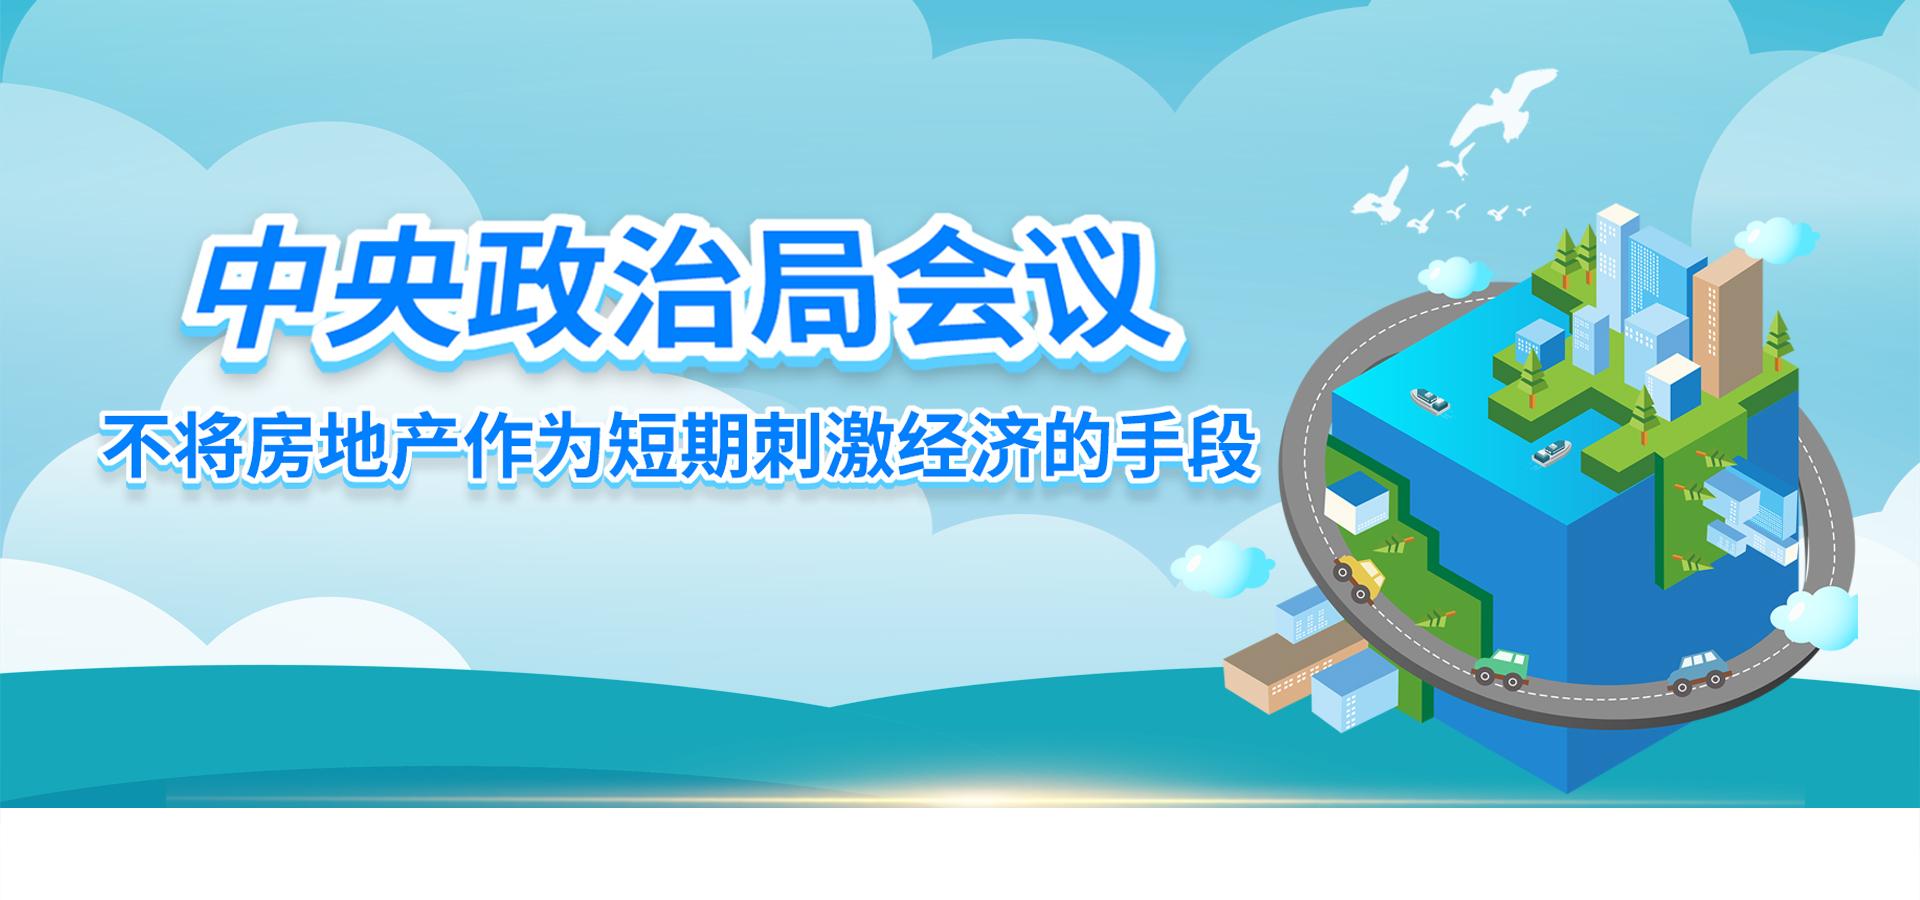 中央政治局会议:不将房地产作为短期刺激经济的手段